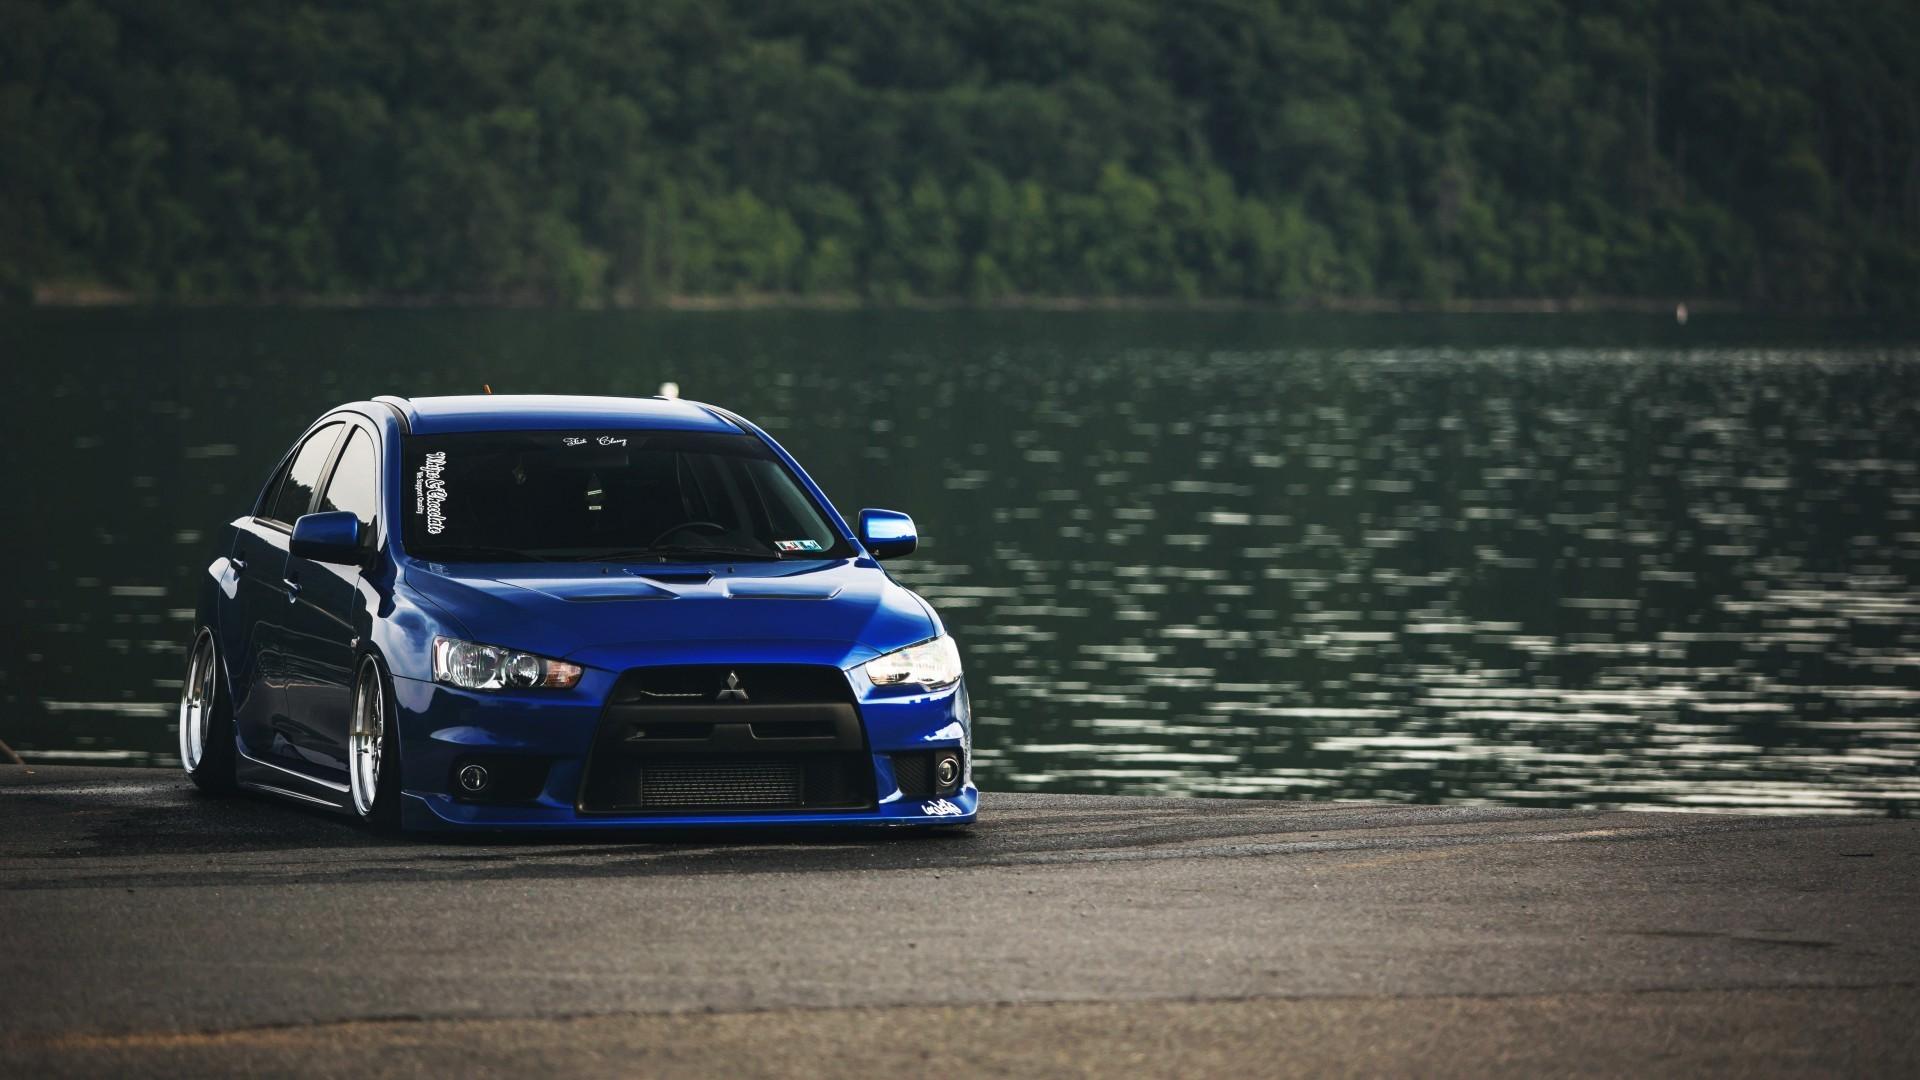 Wallpaper : 1920x1080 px, blue, car, JDM, Mitsubishi ...